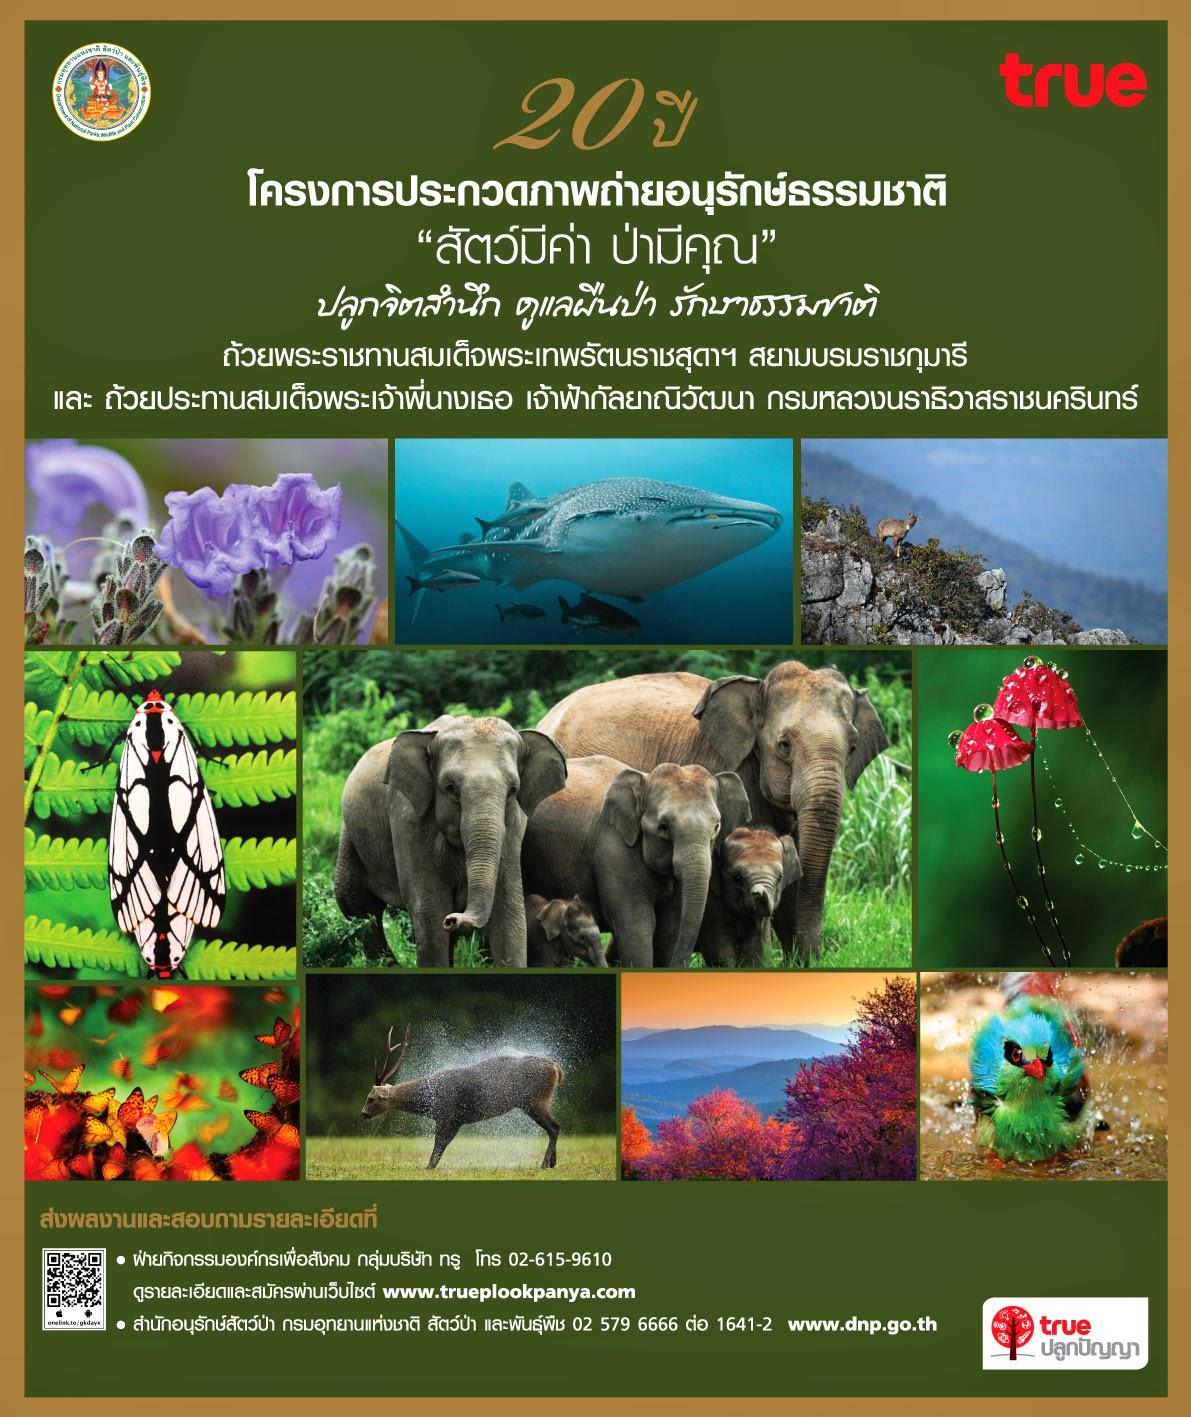 ประกวดภาพถ่าย อนุรักษ์ธรรมชาติ 2557 สัตว์มีค่า ป่ามีคุณ